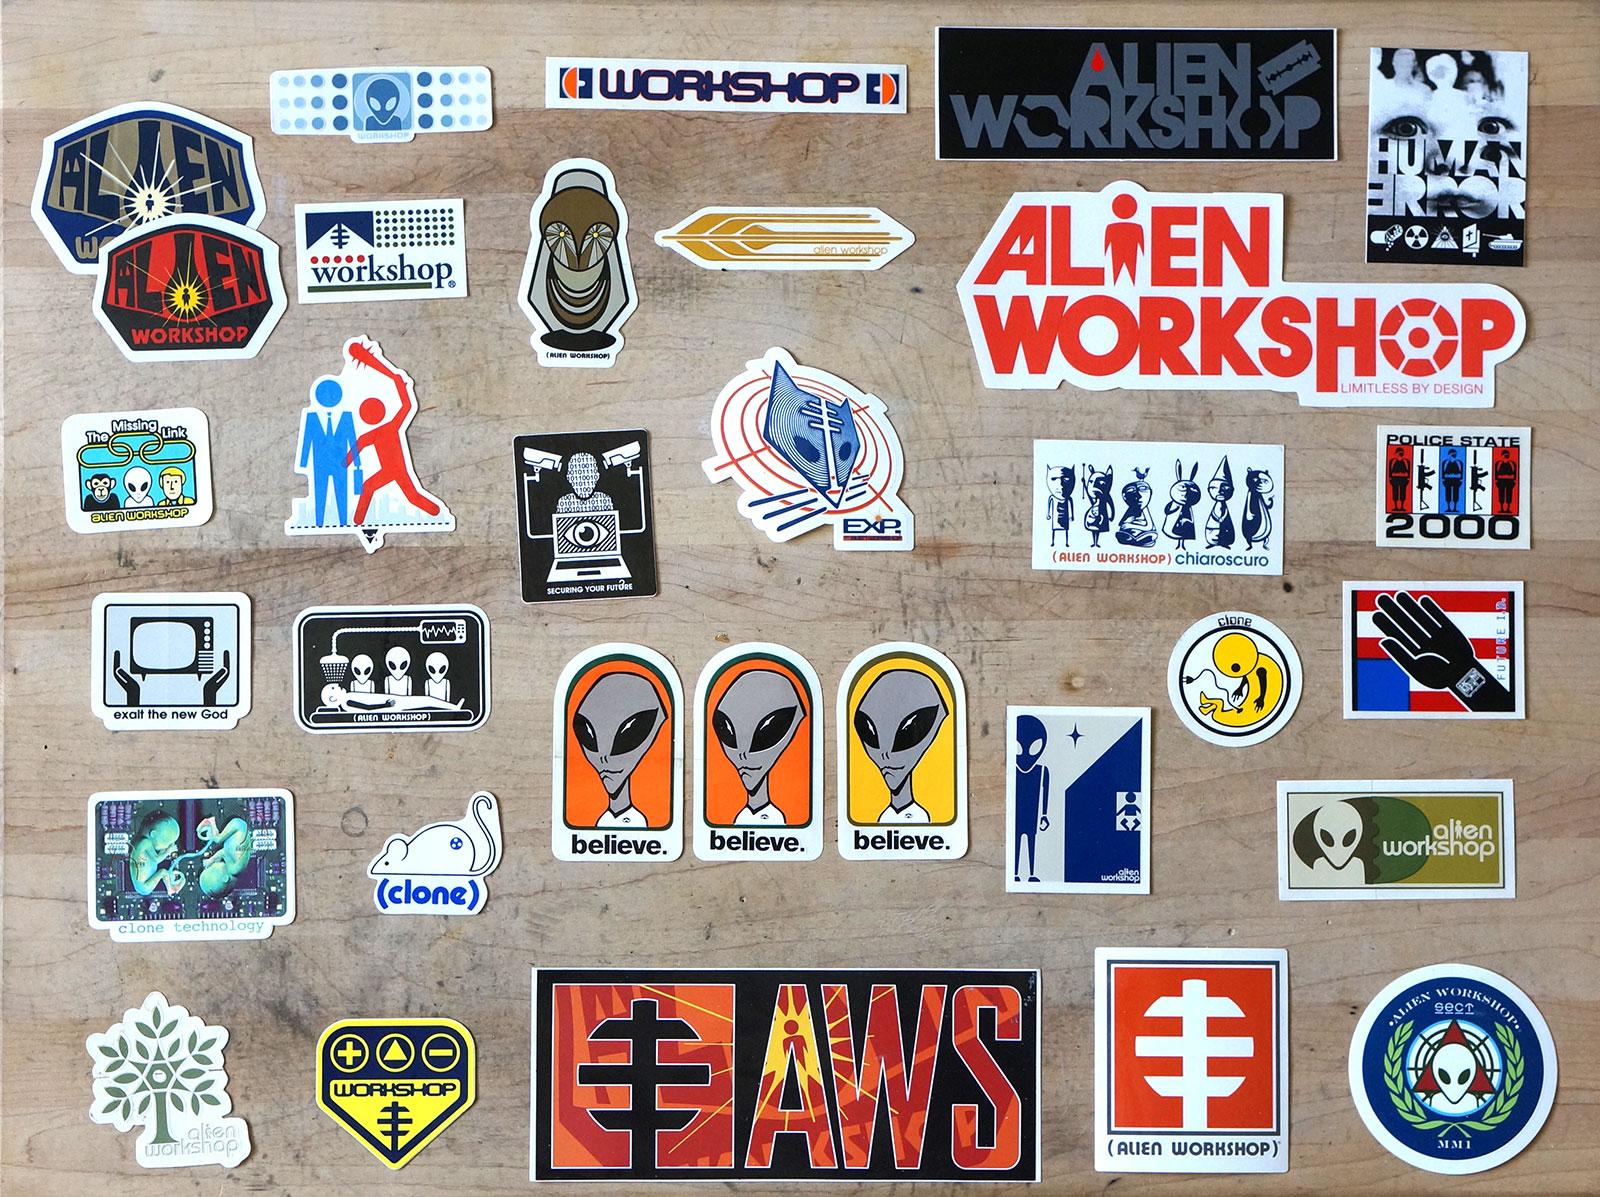 Alien Worksop Set 3